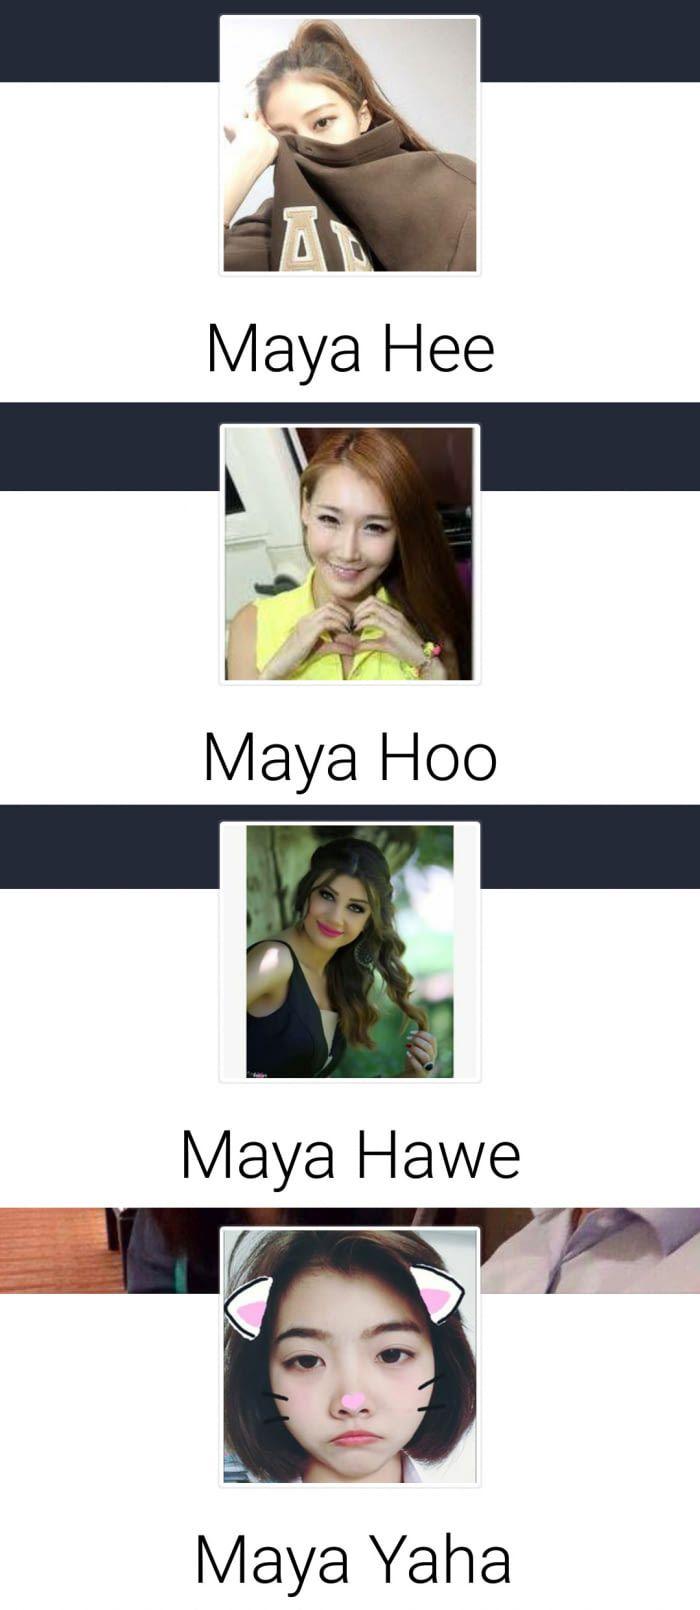 maya hi maia ho maya ha maya haha